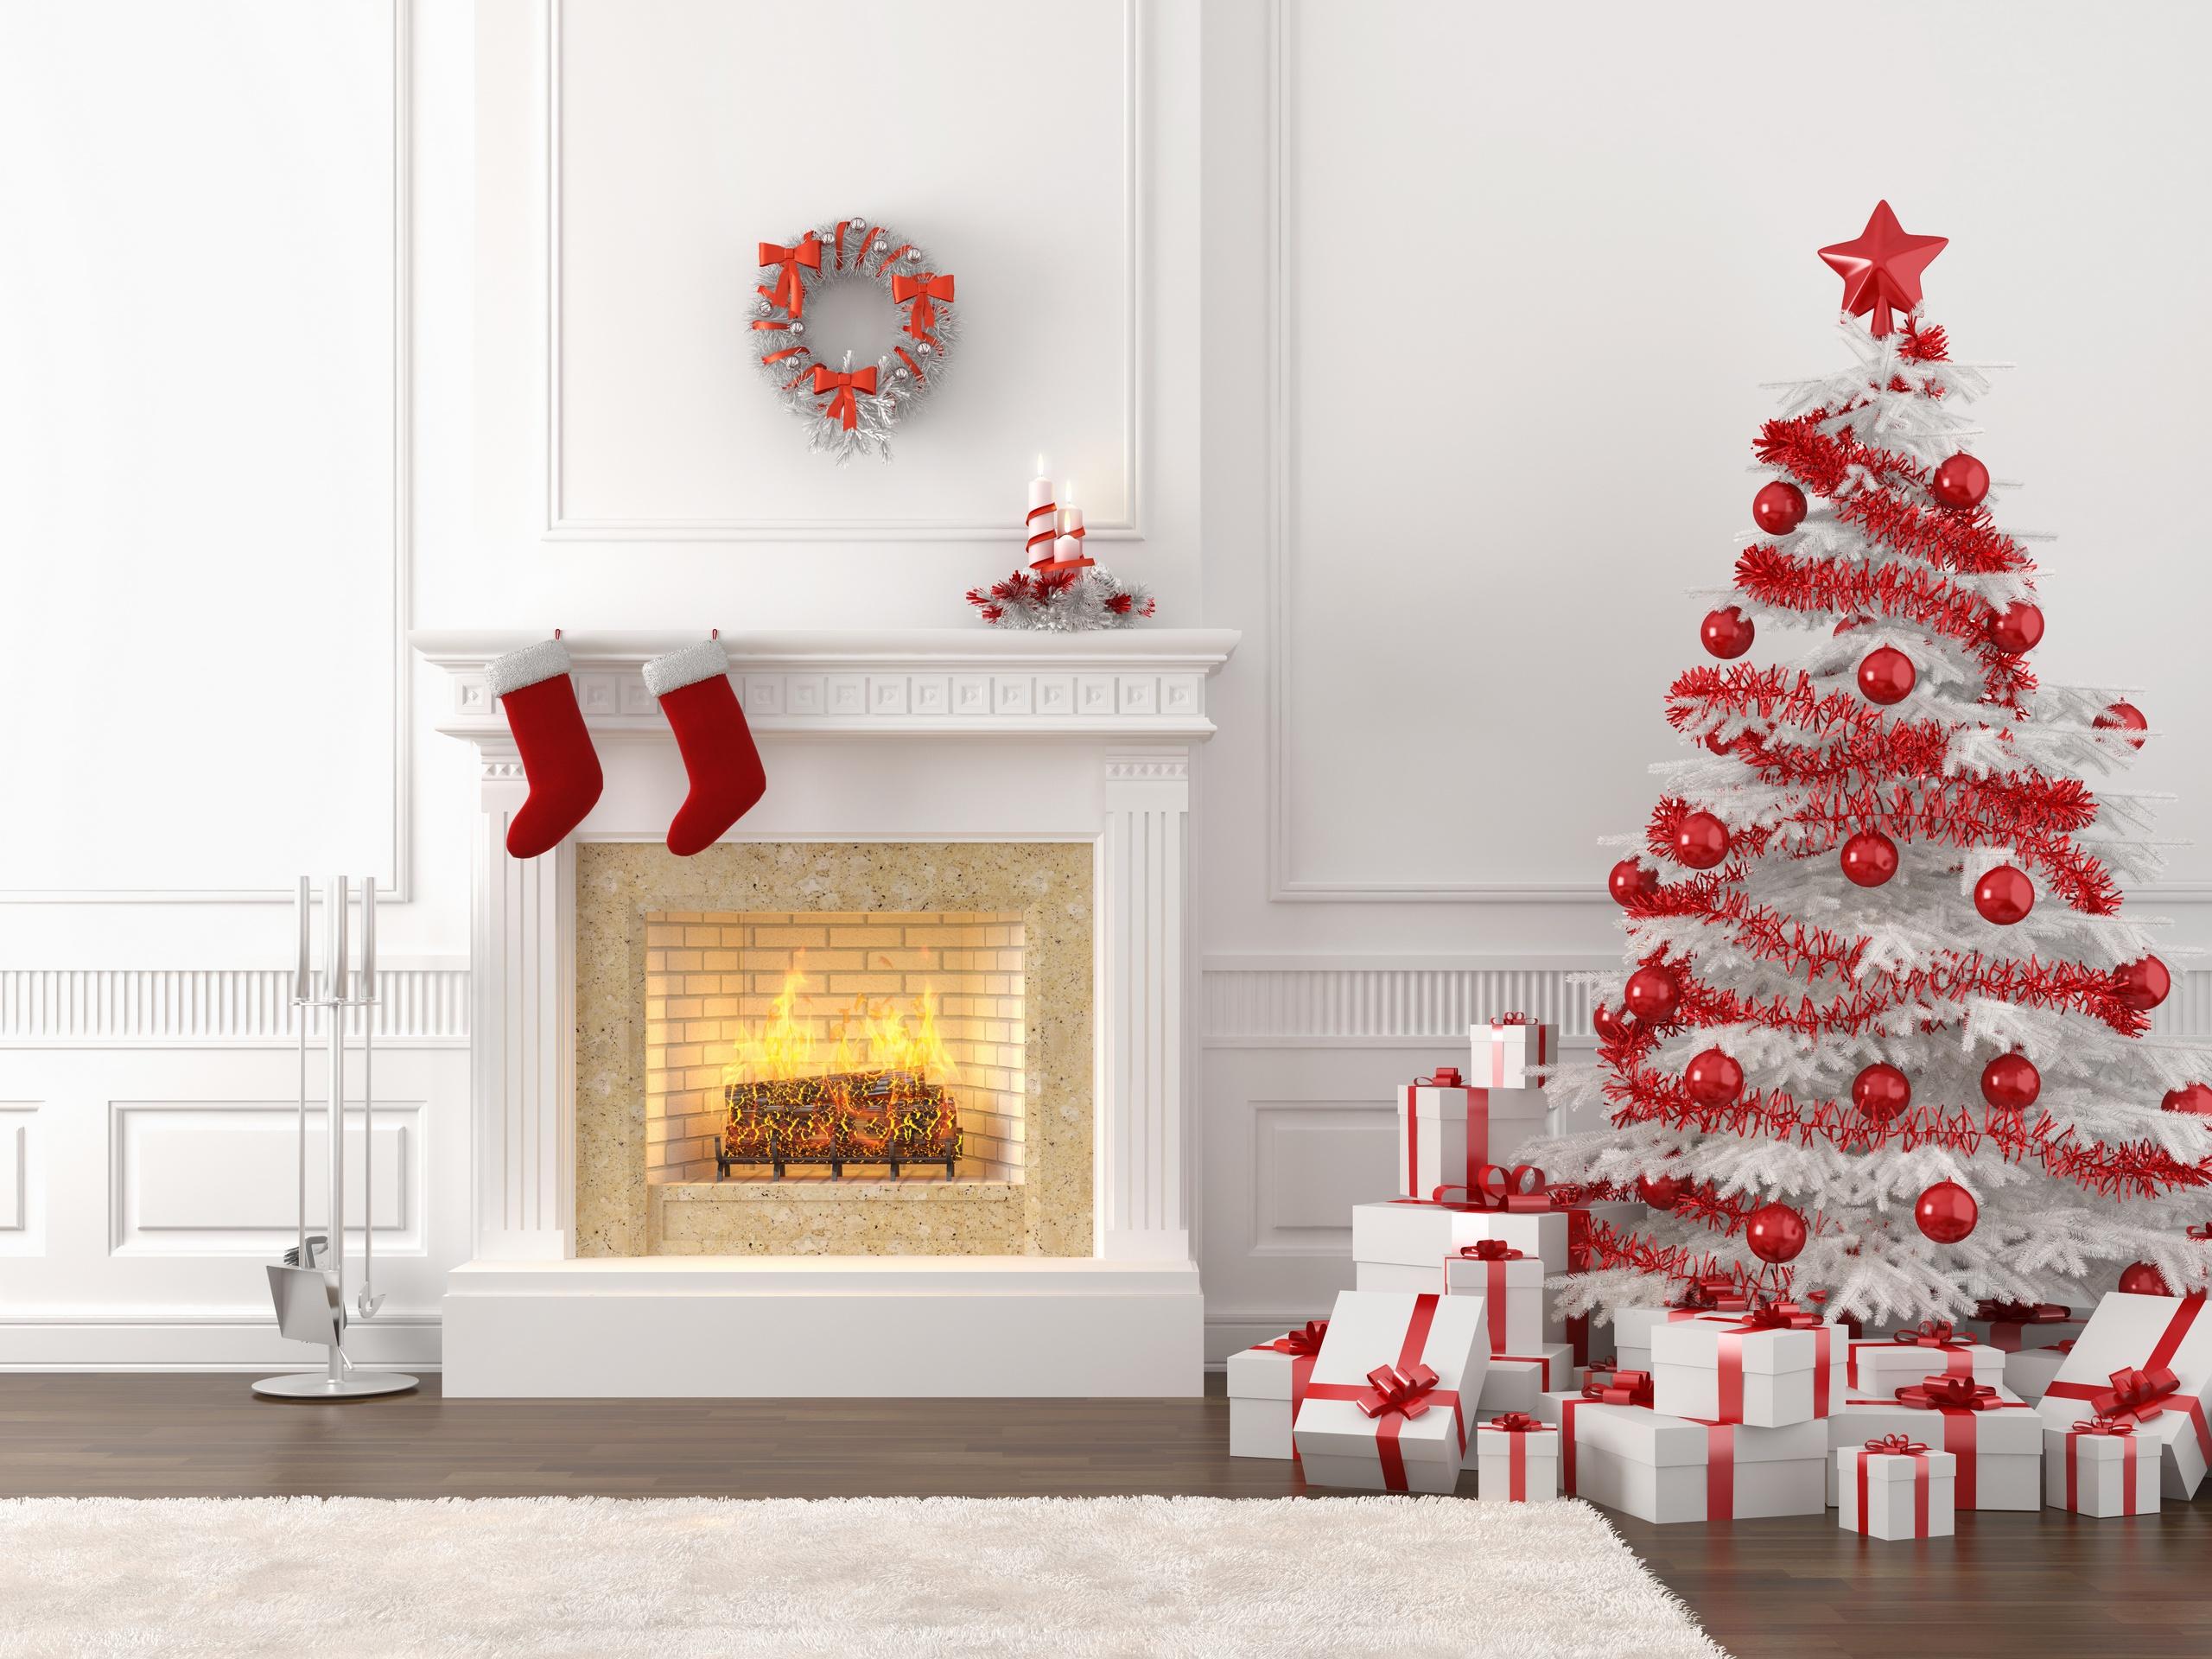 #C69905 Christmas Computer Wallpapers Desktop Backgrounds  5449 decorations de noel ikea 2560x1920 px @ aertt.com